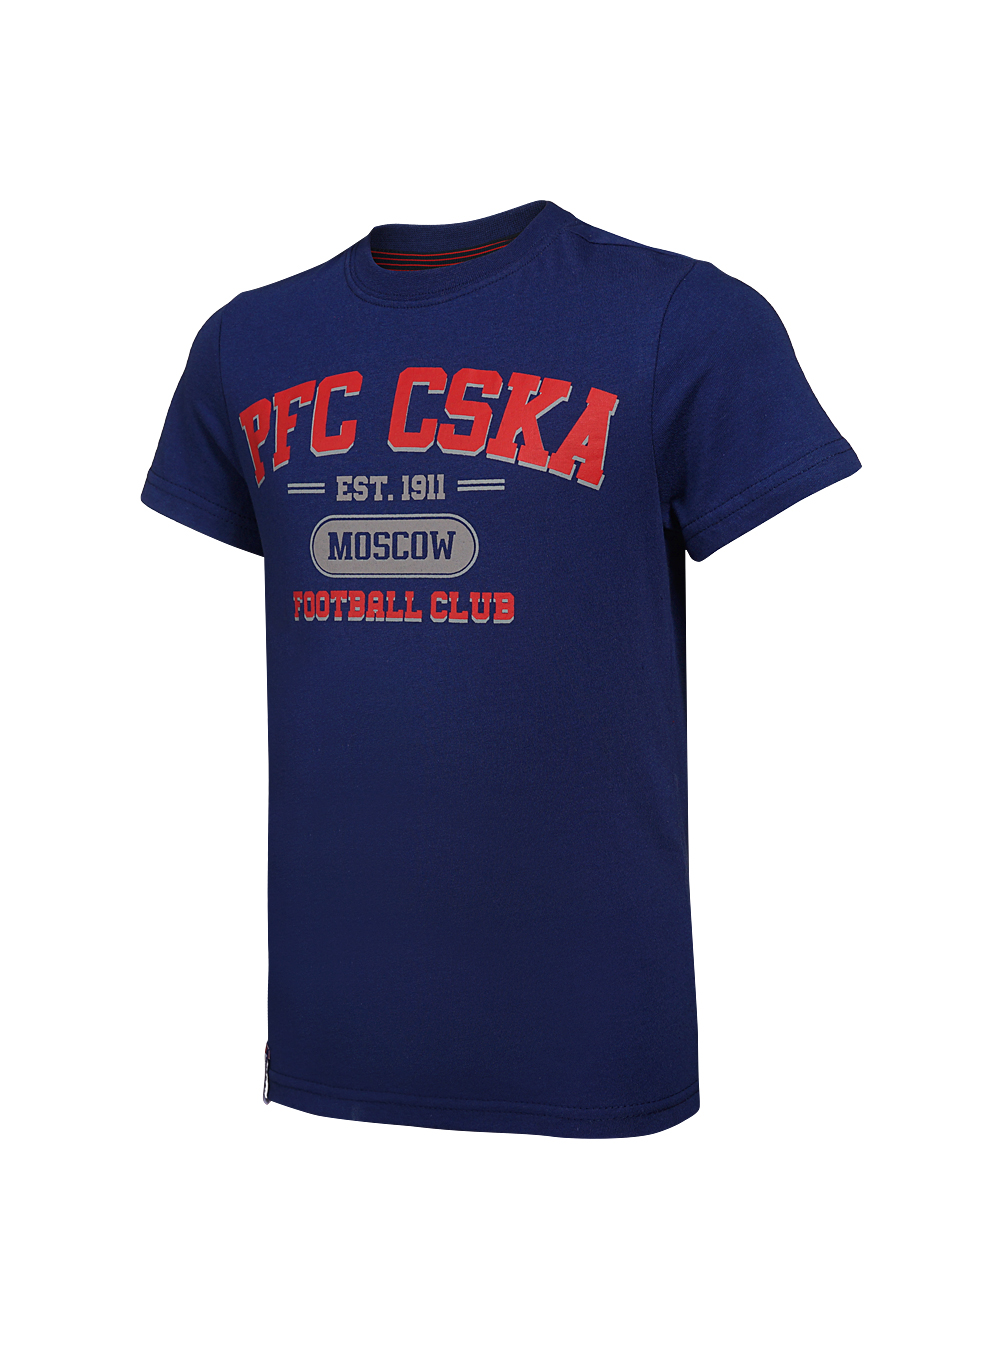 Купить Футболка детская  PFC CSKA Moscow синяя (128) по Нижнему Новгороду